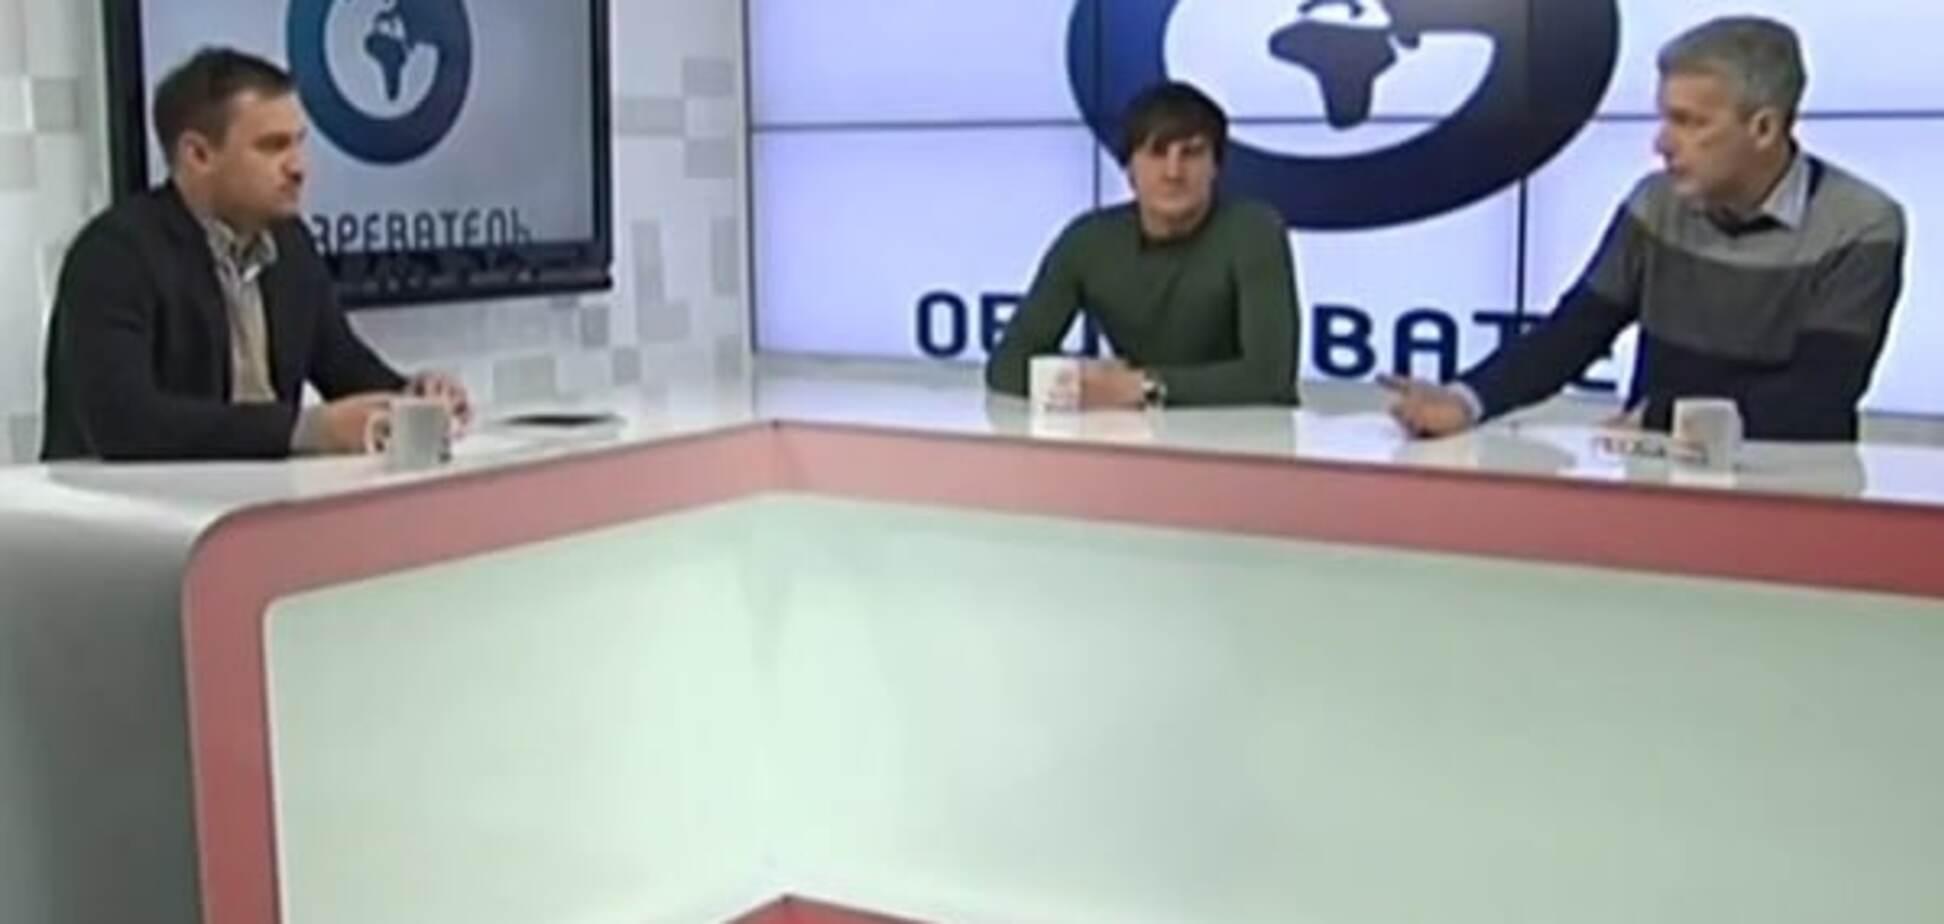 Куликов, съездивший на Донбасс, заявил, что нельзя разделять 'республиканцев' и украинцев